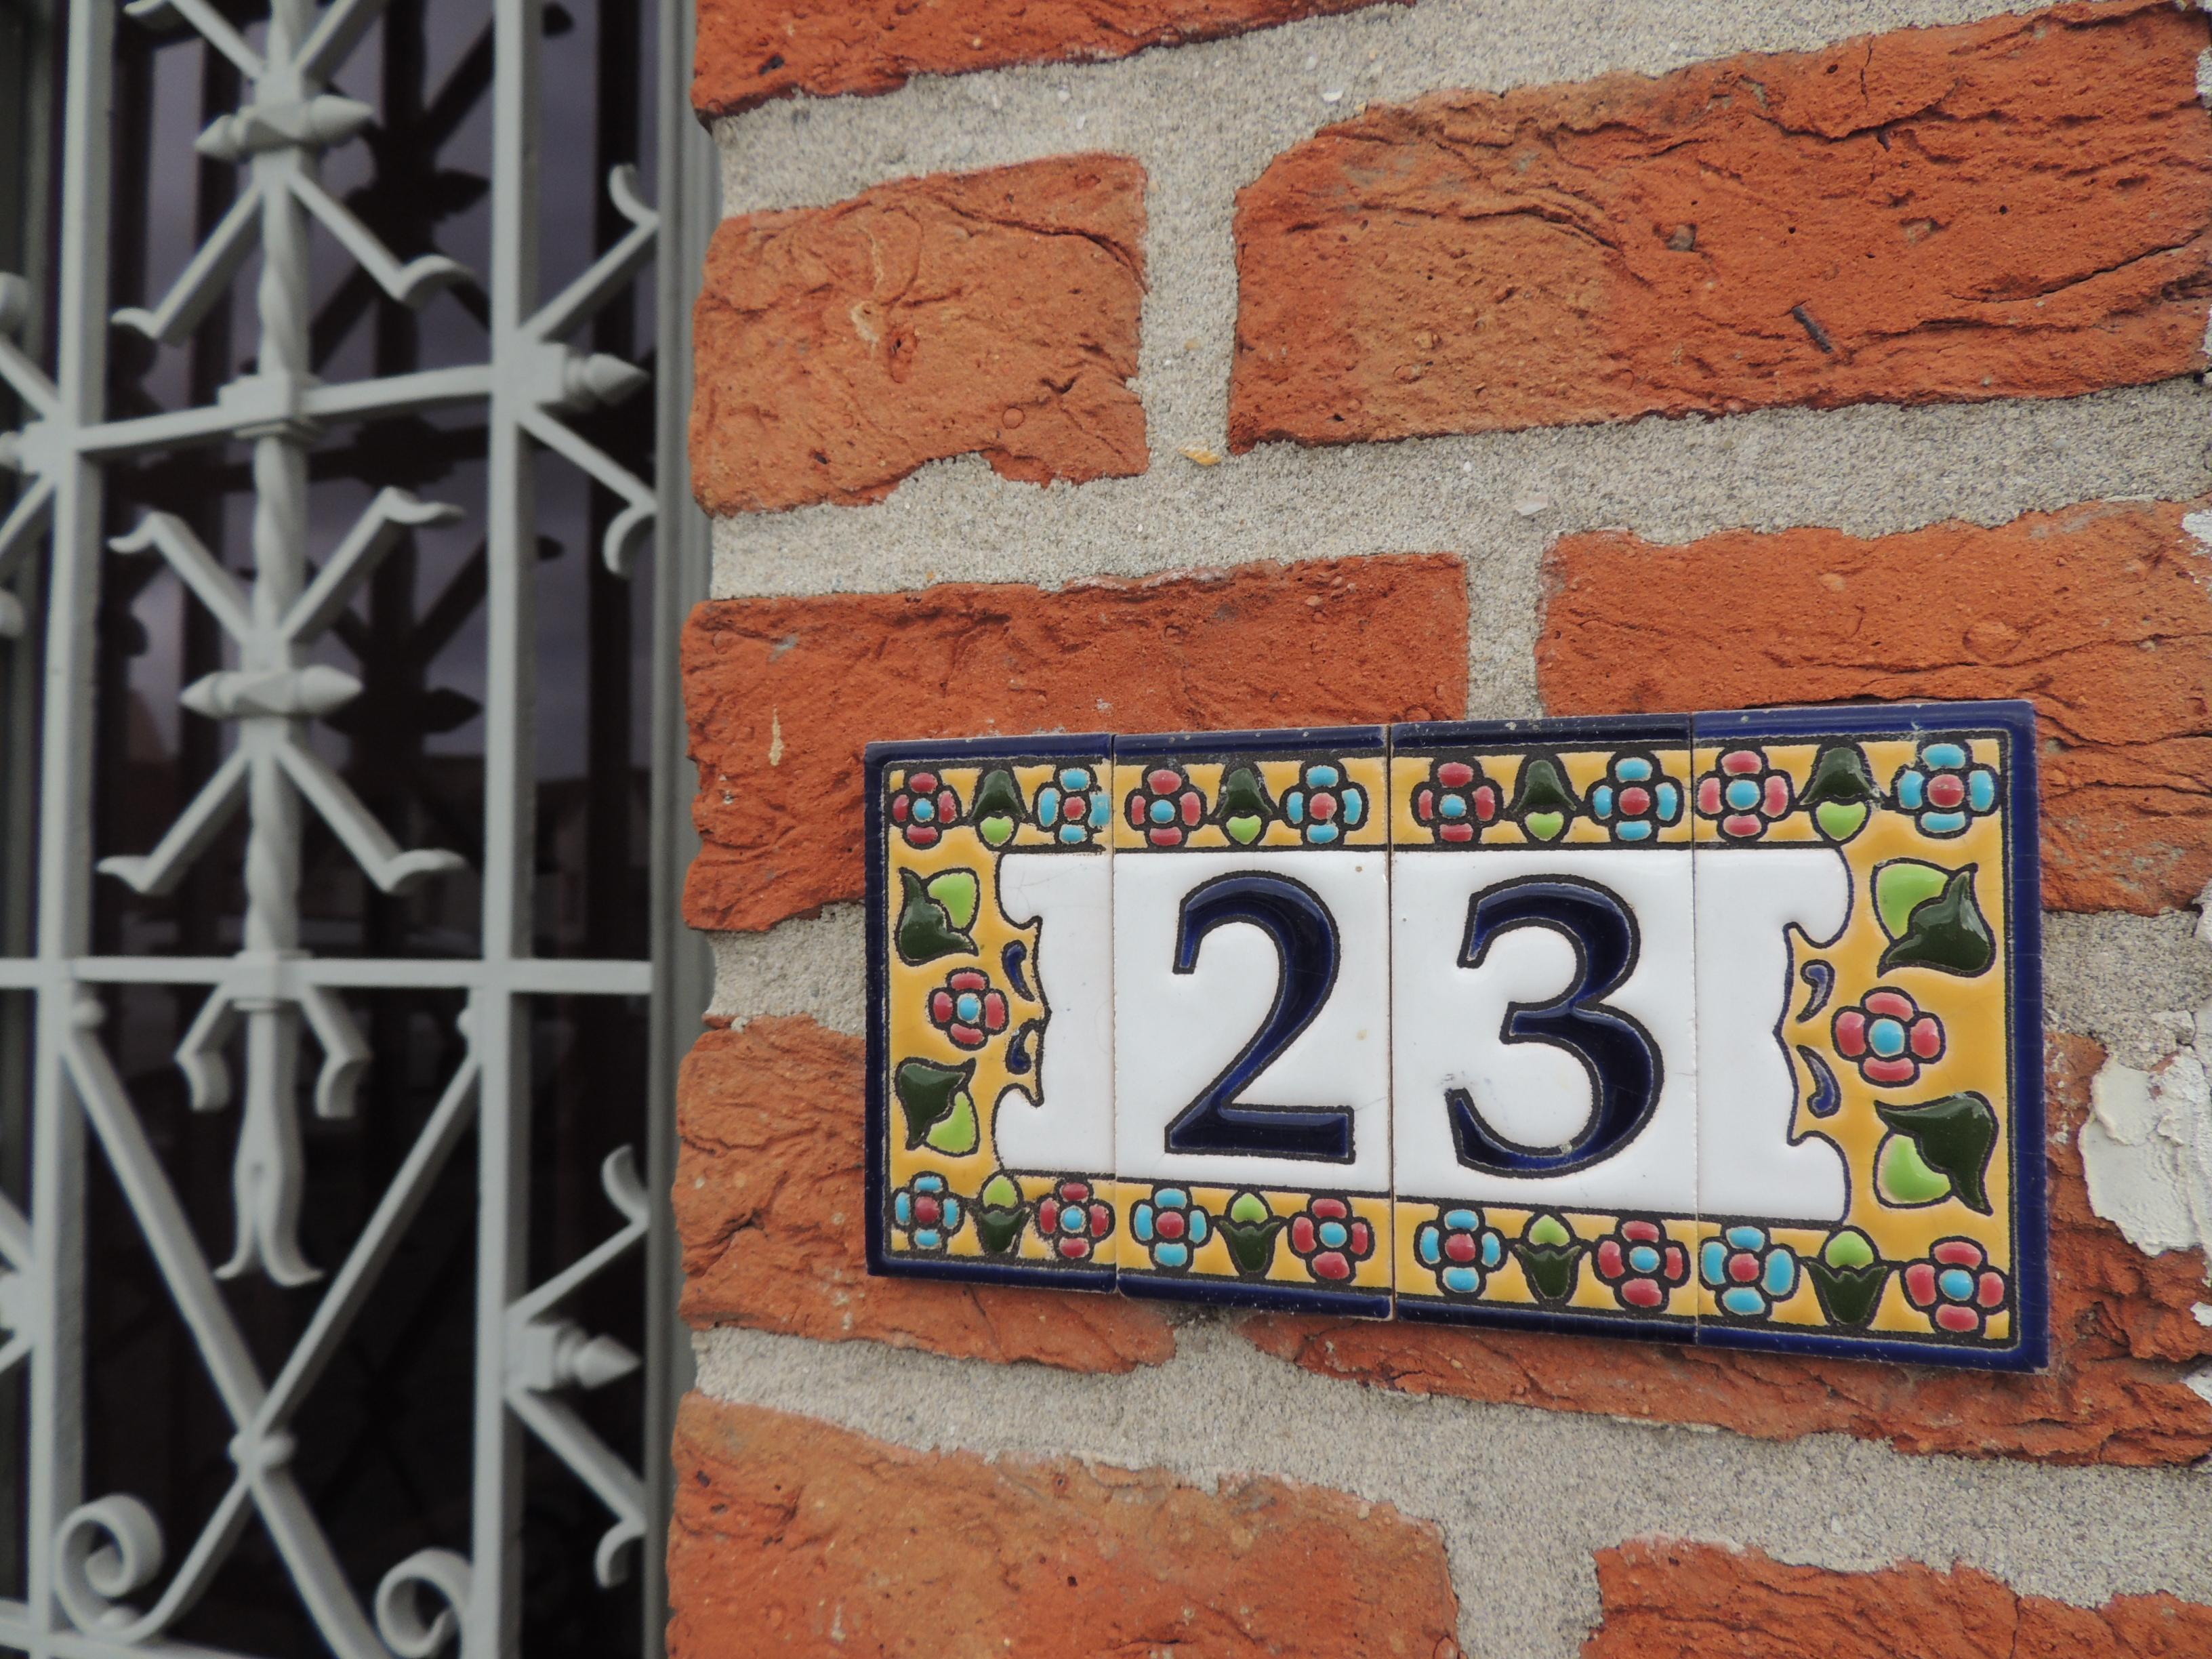 Stoega - Huisnr 23 Coupure in Brugge